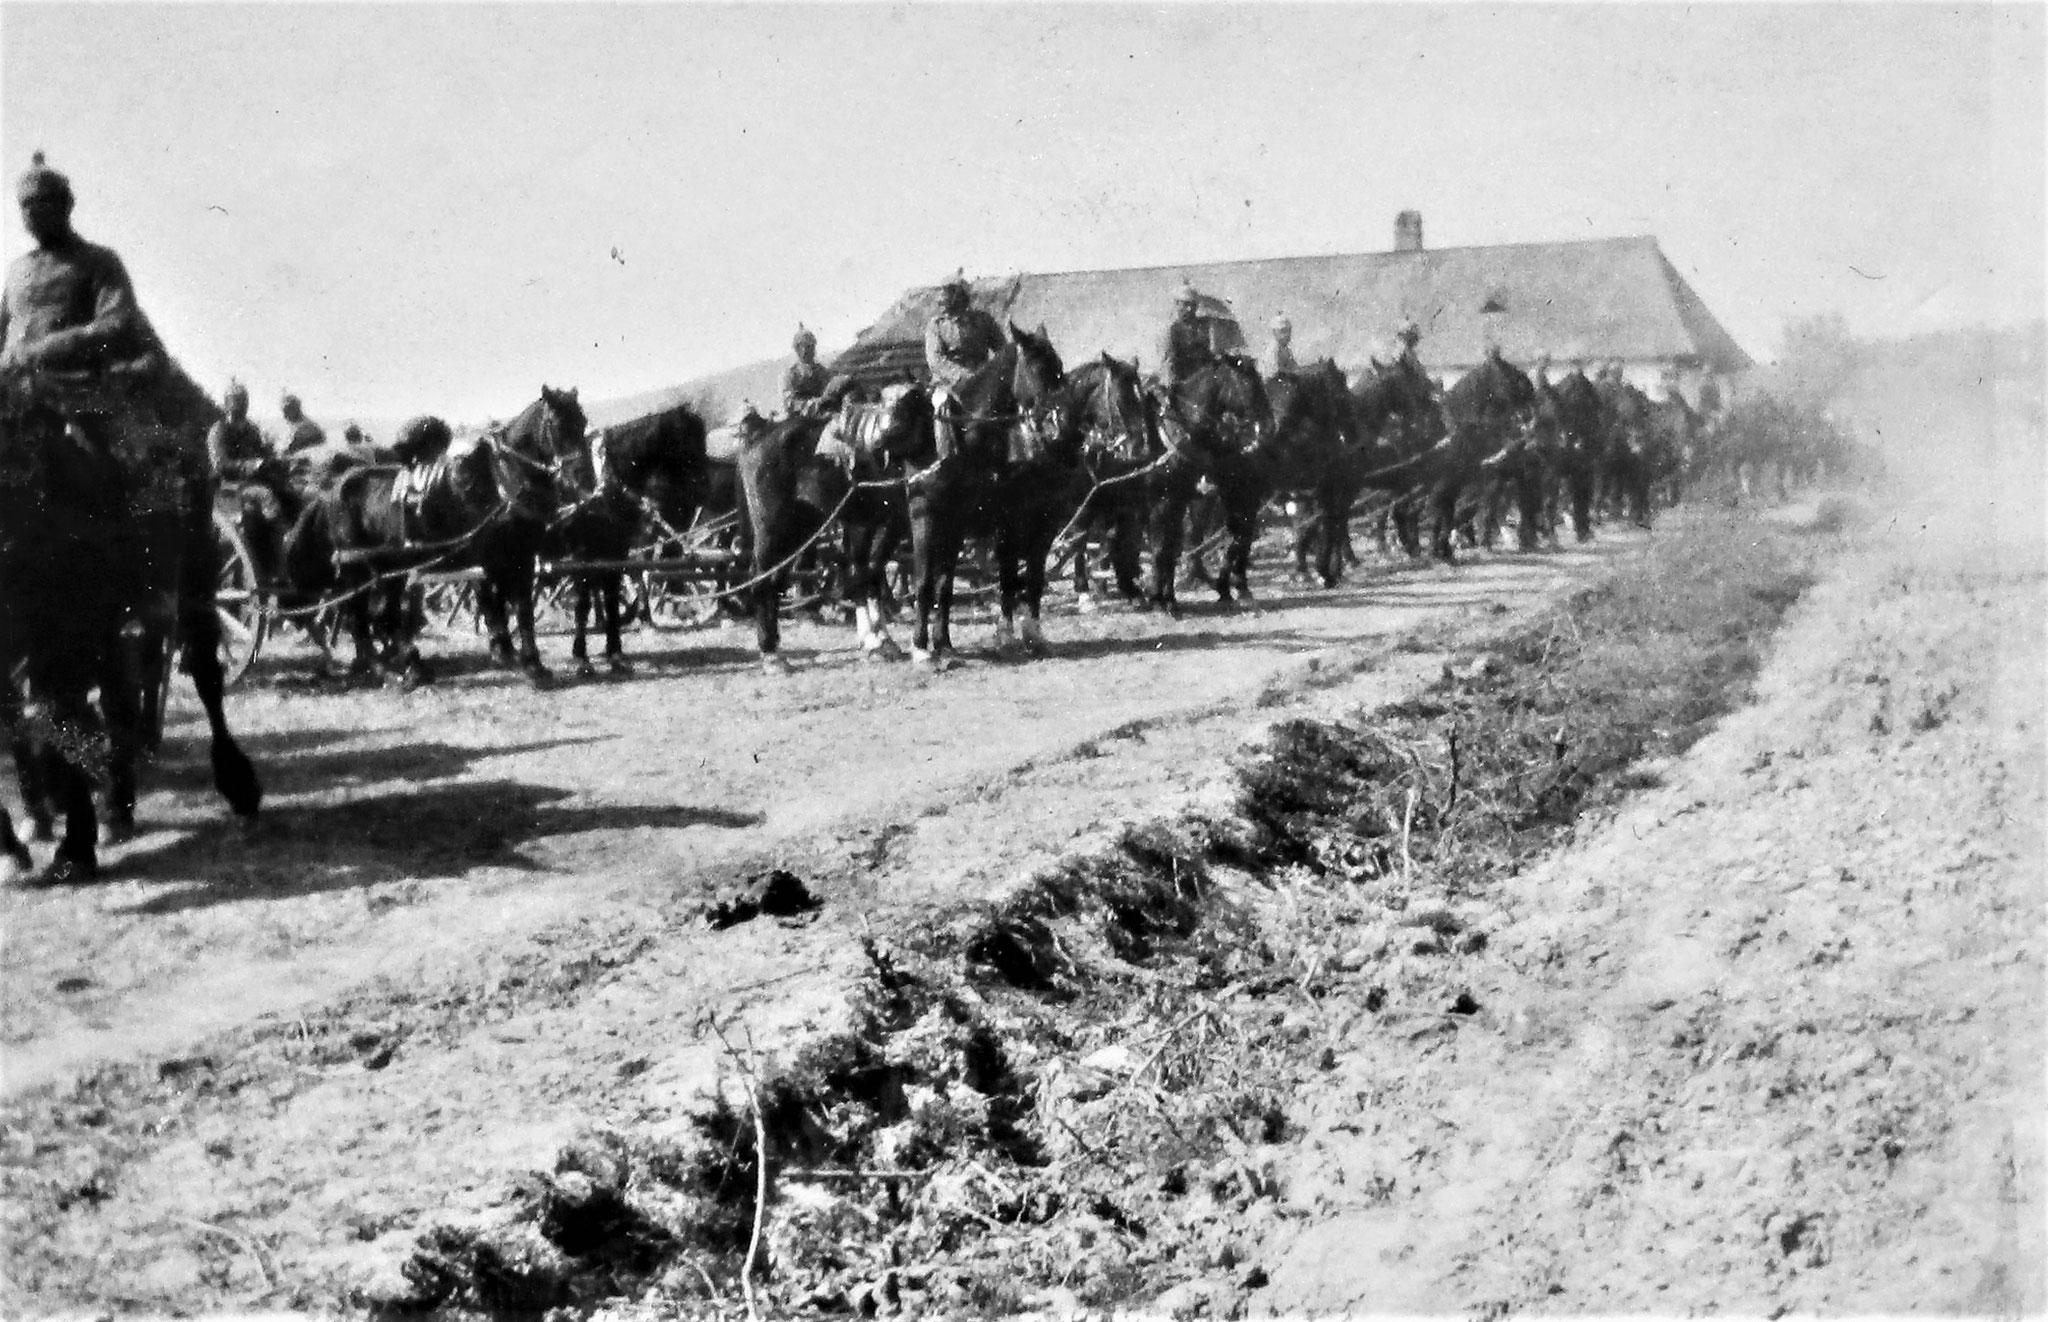 Deutsche Munitionskolonne, die erste deutsche Abteilung, die wir im Felde begegneten.